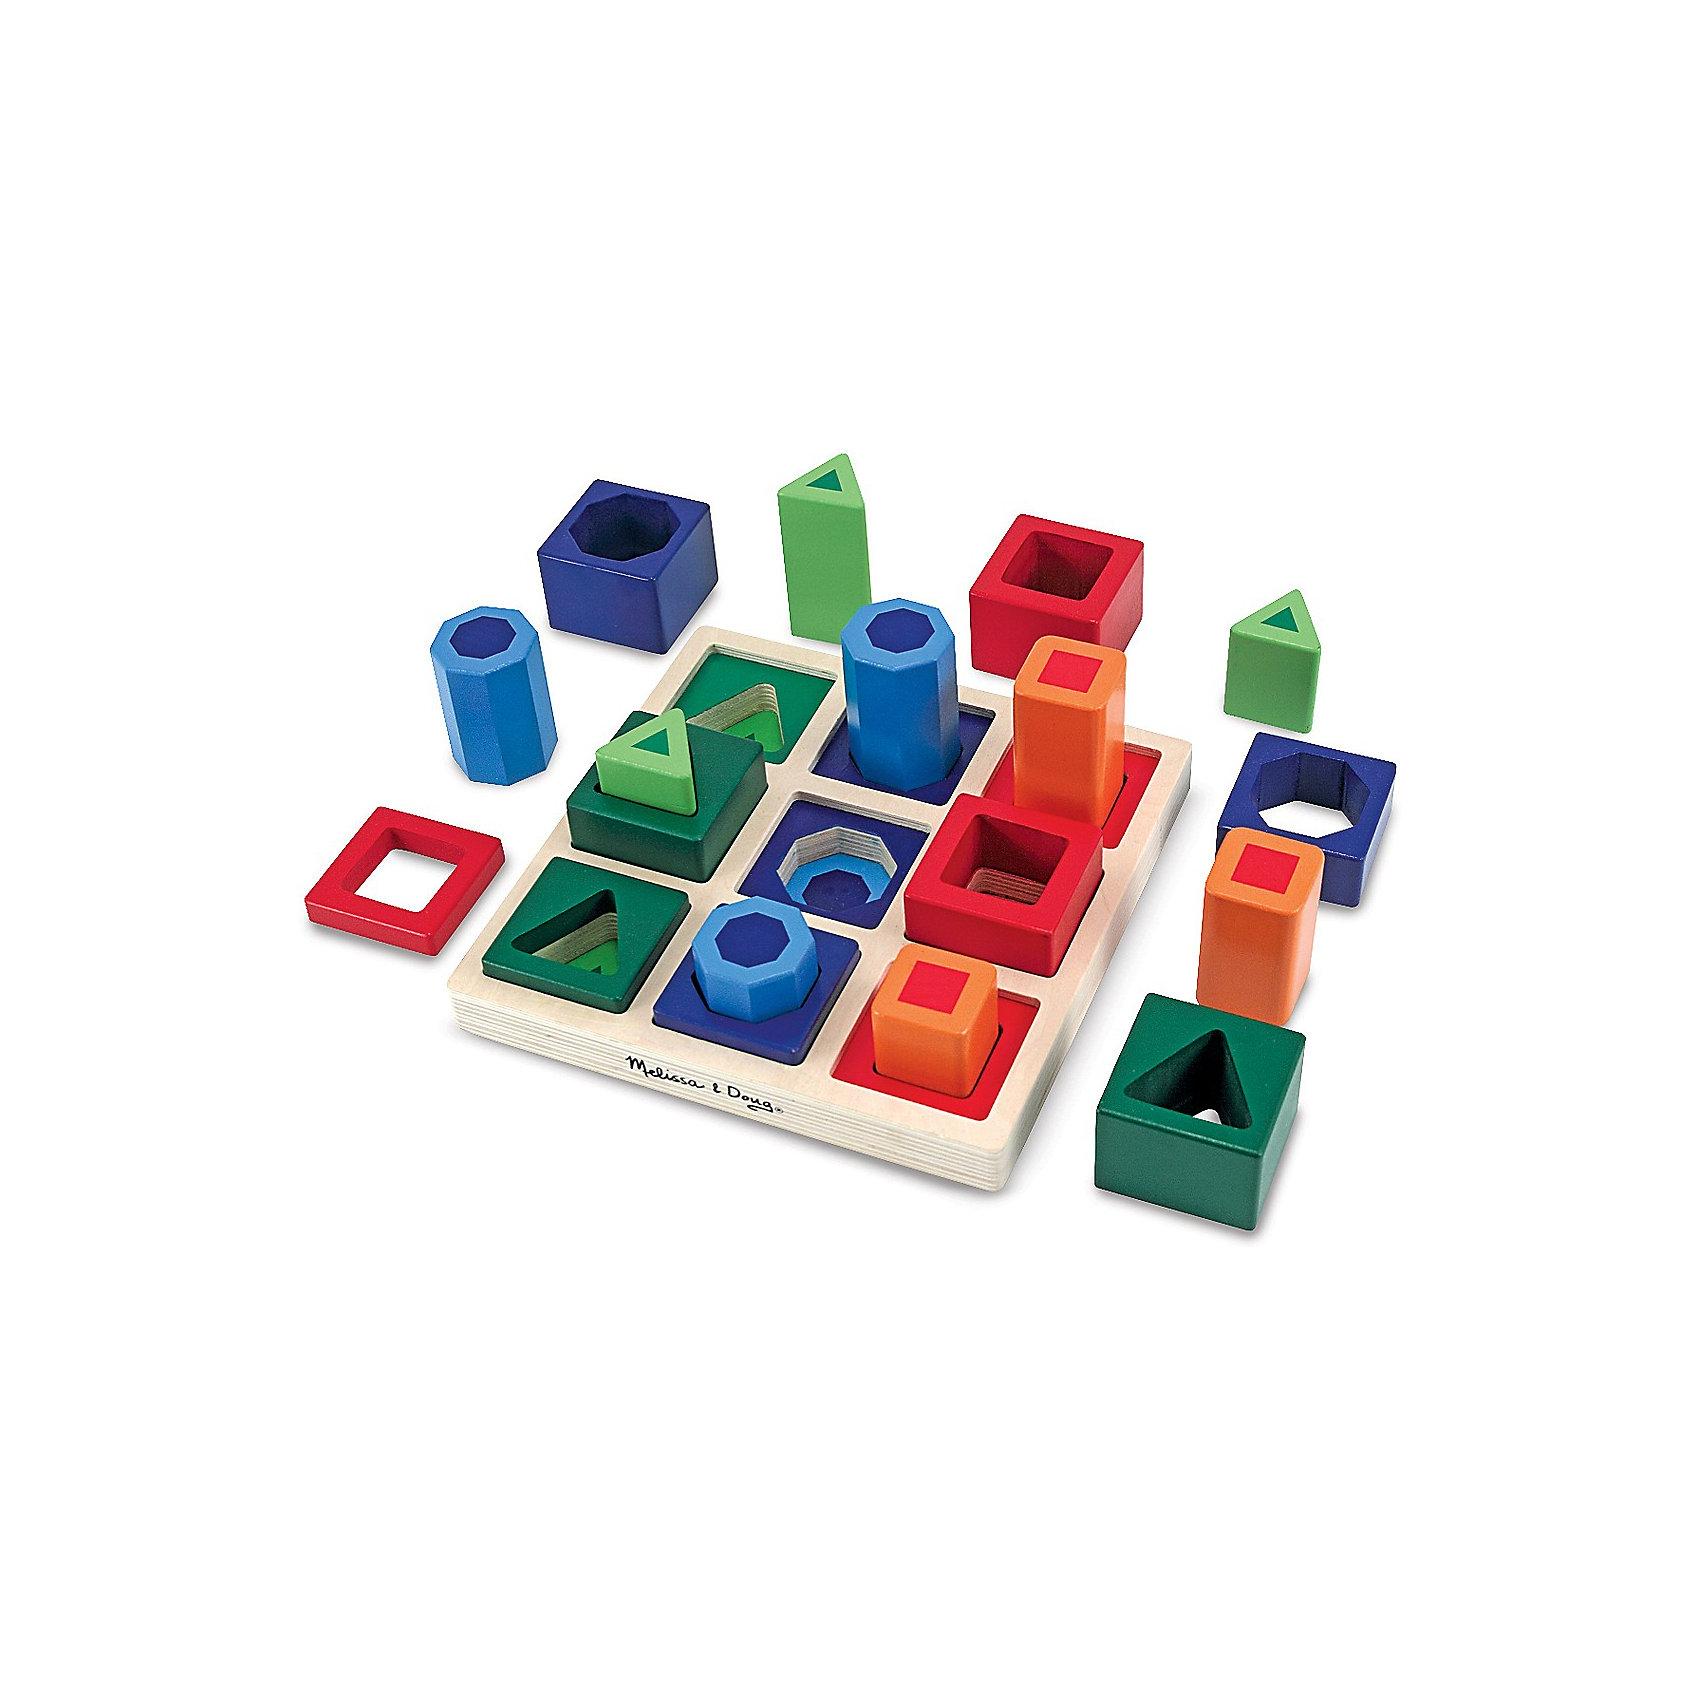 Игрушка Сортировщик, Melissa &amp; DougСортеры<br>Новое воплощение традиционной развивающей игрушки, которая обязательно увлечет Вашего малыша - красочная игрушка Сортировщик, Melissa &amp; Doug. Забавный сортировщик состоит из основания и 18 деталей разной формы и размера.  Деревянная игрушка сделана с особой тщательностью, все детали гладкие и хорошо подогнаны под отверстия. Экологически безопасный и приятный живой материал хорошо обработан и окрашен нетоксичными красителями. Сначала просто перебирая, затем помещая детали в нужные отверстия, подбирая их по размеру, цвету или форме малыш на практике изучит понятия больше-меньше, выучит цвета и формы. Играя, малыш тренирует мелкую моторику, внимательность, логическое мышление. Играйте и наслаждайтесь вместе с  Melissa &amp; Doug!<br><br>Дополнительная информация:<br><br>- Замечательный яркий сортер;<br>- Потрясающие подарок для малышей;<br>- Отличный тренажер мелкой моторики;<br>- Красочный дизайн;<br>- Материал: натуральное дерево, безопасная краска;<br>- Размер упаковки: 21 х 8 х 21 см;<br>- Вес: 997 г<br><br>Игрушку Сортировщик, Melissa &amp; Doug  можно купить в нашем интернет-магазине.<br><br>Ширина мм: 210<br>Глубина мм: 80<br>Высота мм: 210<br>Вес г: 997<br>Возраст от месяцев: 36<br>Возраст до месяцев: 60<br>Пол: Унисекс<br>Возраст: Детский<br>SKU: 3861968